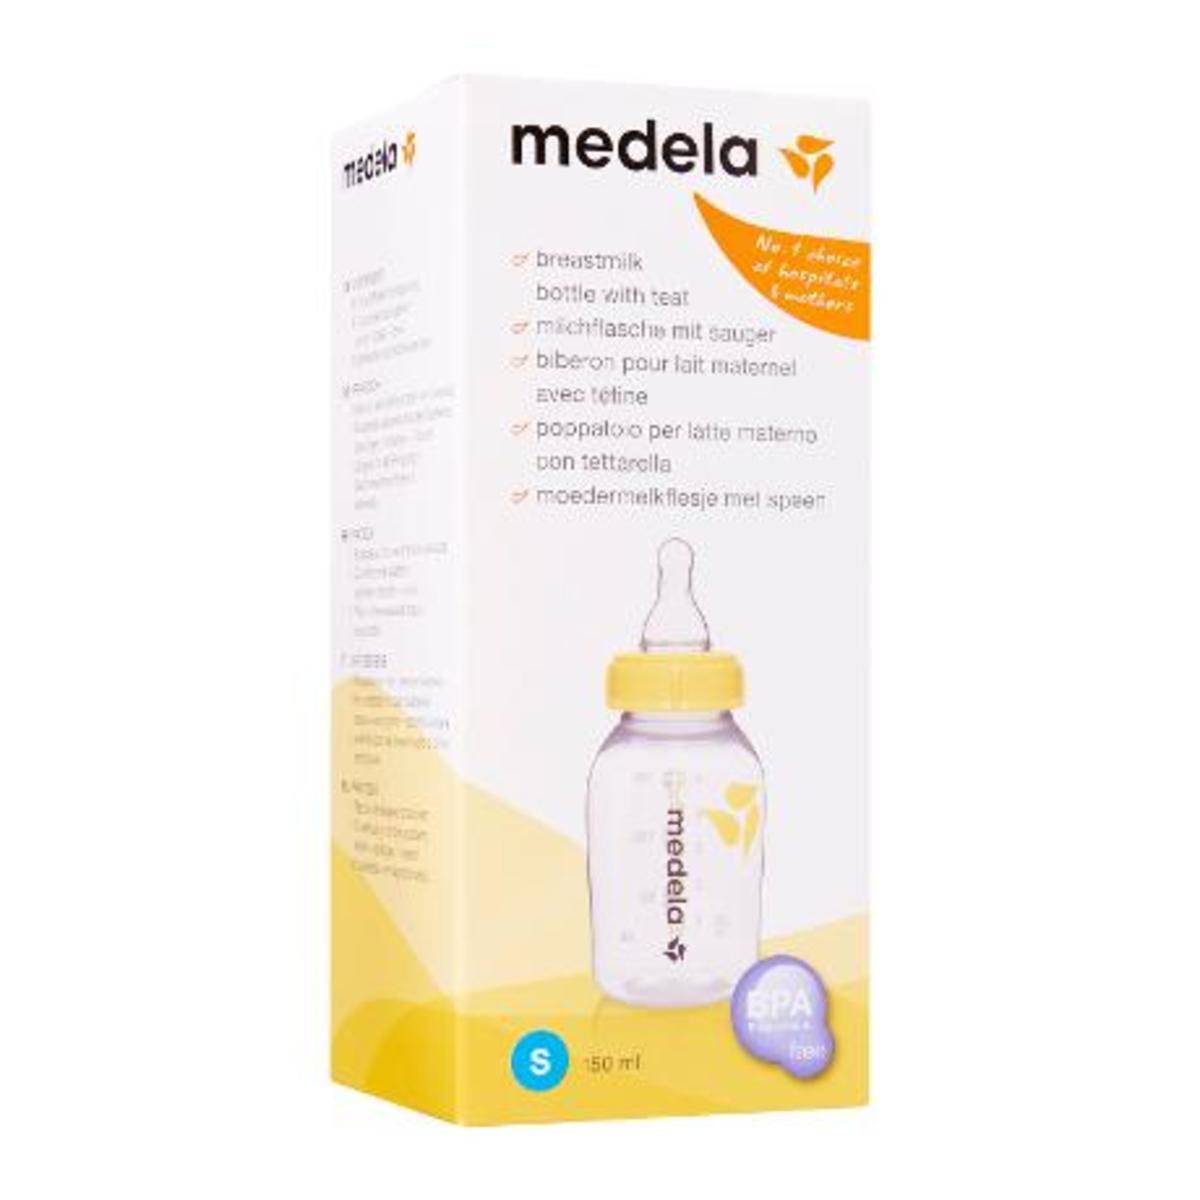 medela - 150ml Breastmilk bottle with S teat